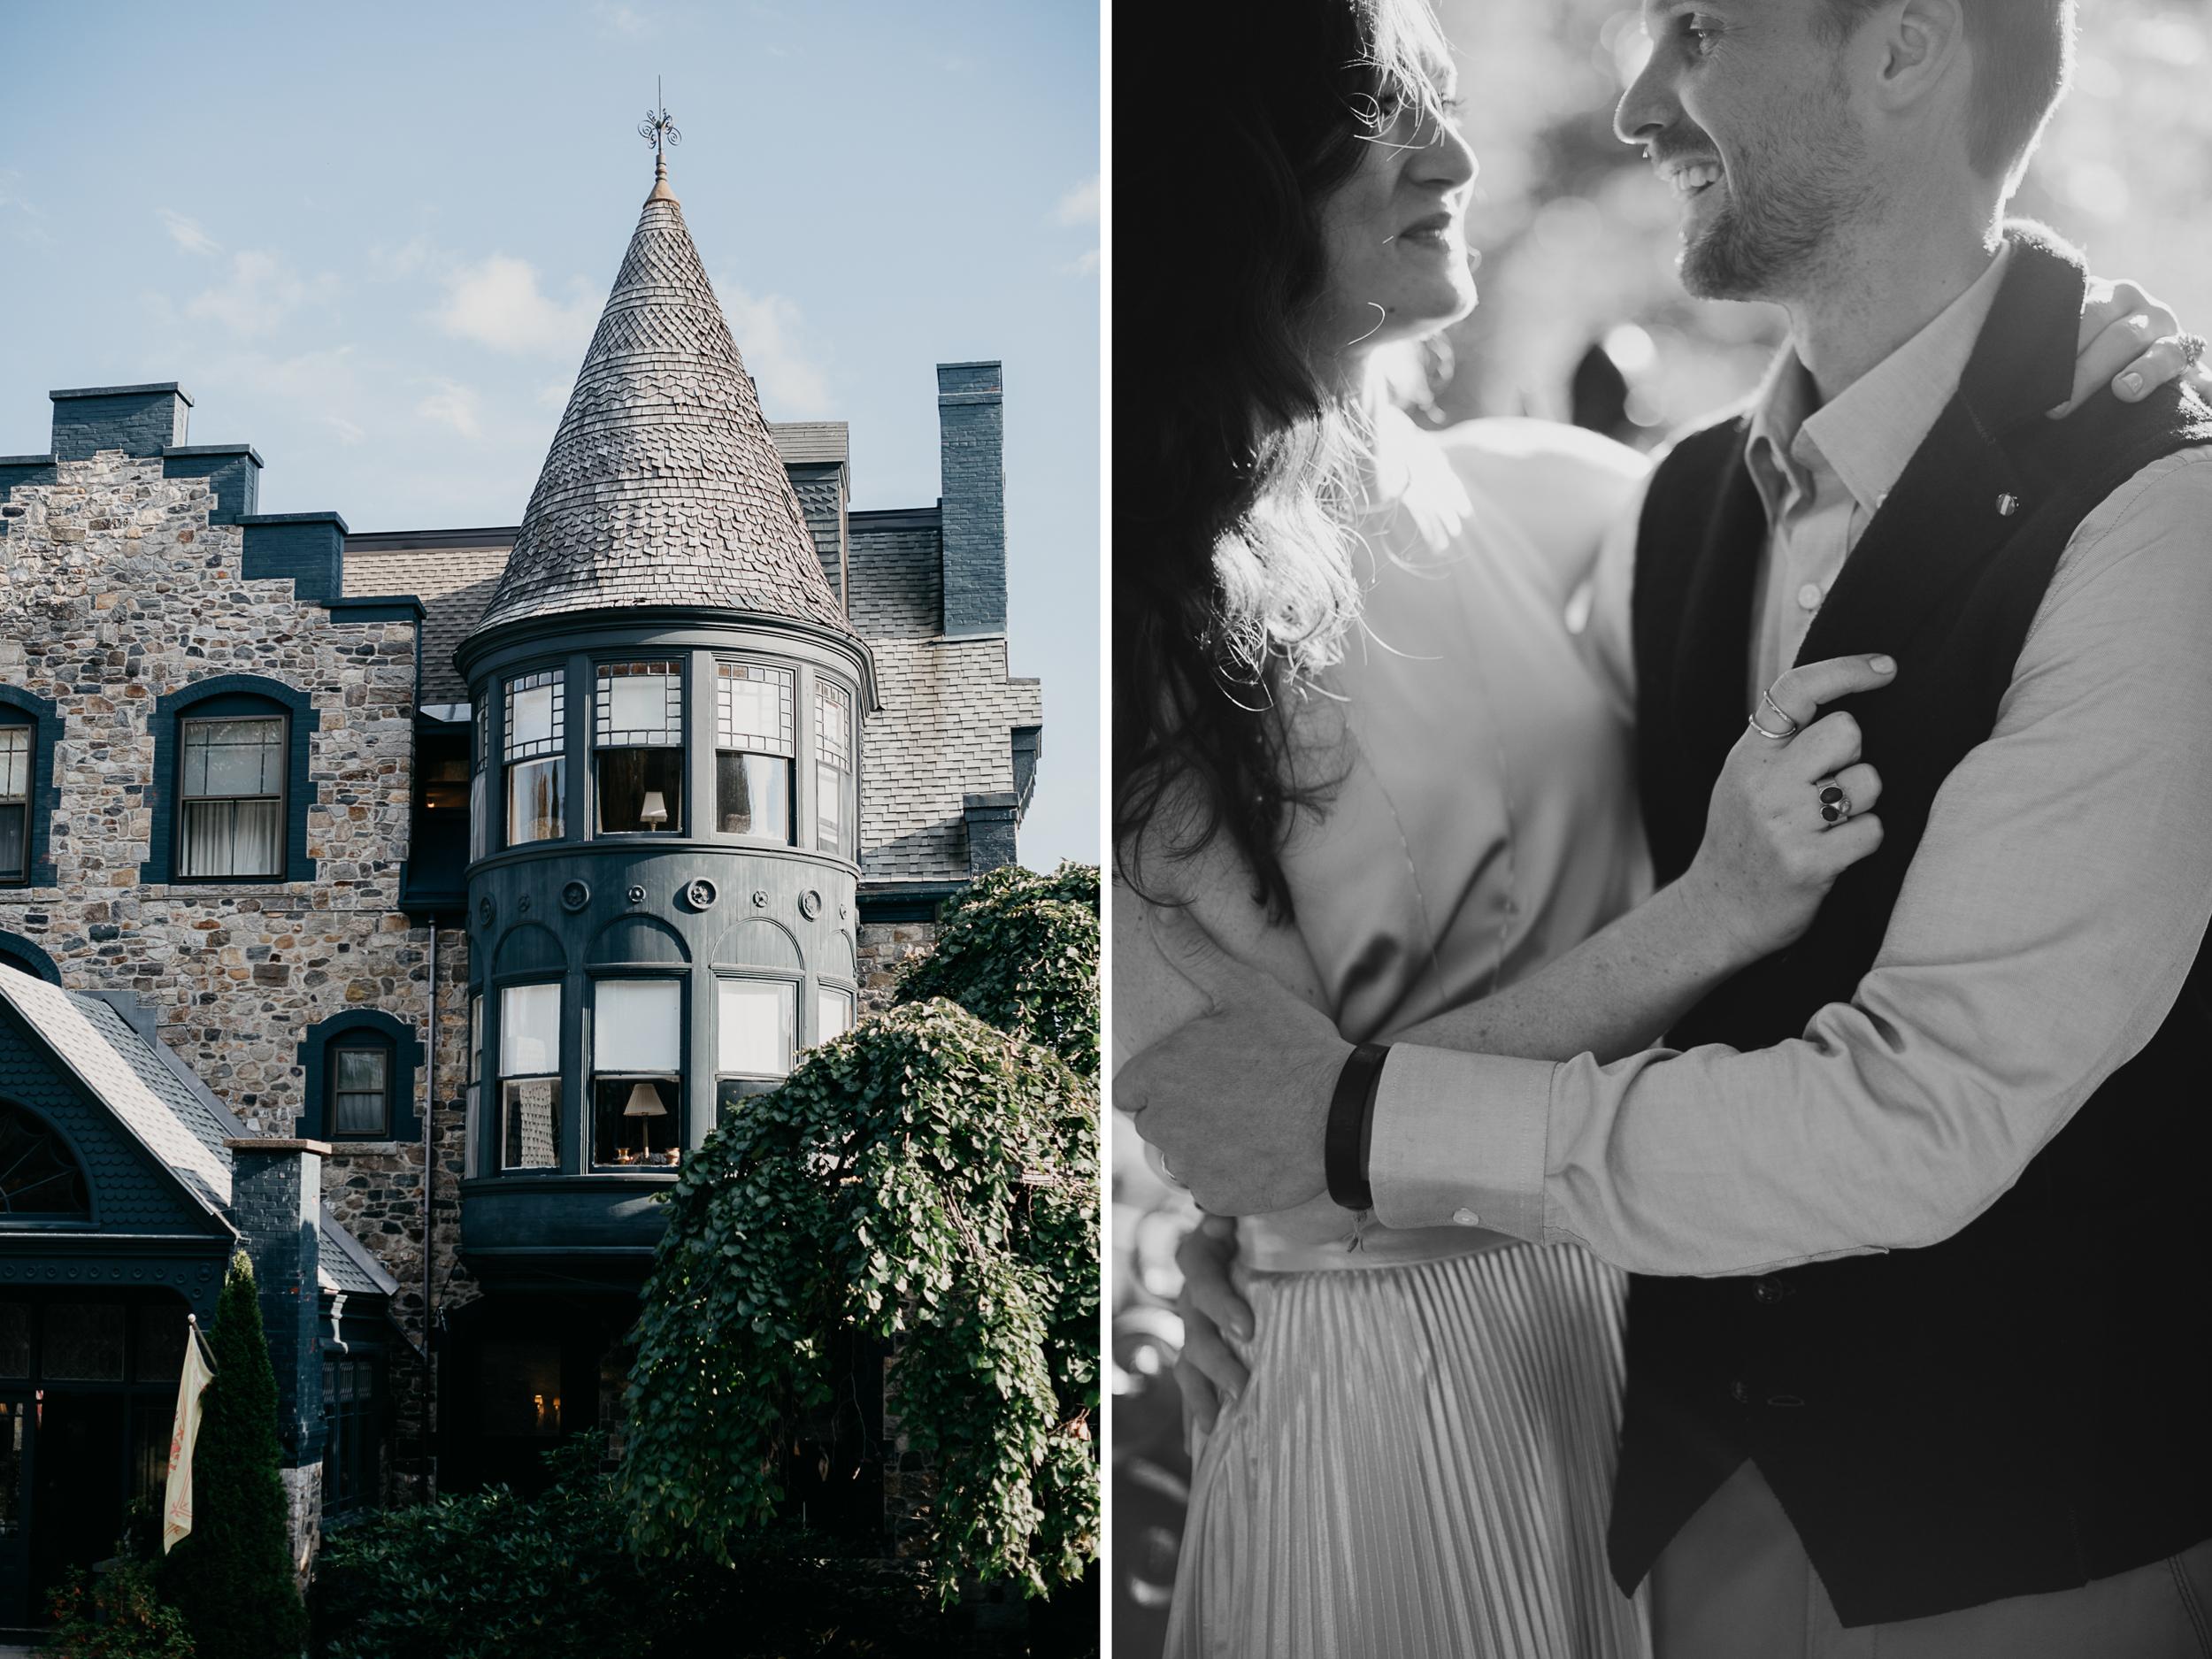 Mackenzie_Collins_Day_Two_Flatbread_Company_rockport_Maine_wedding_027.jpg